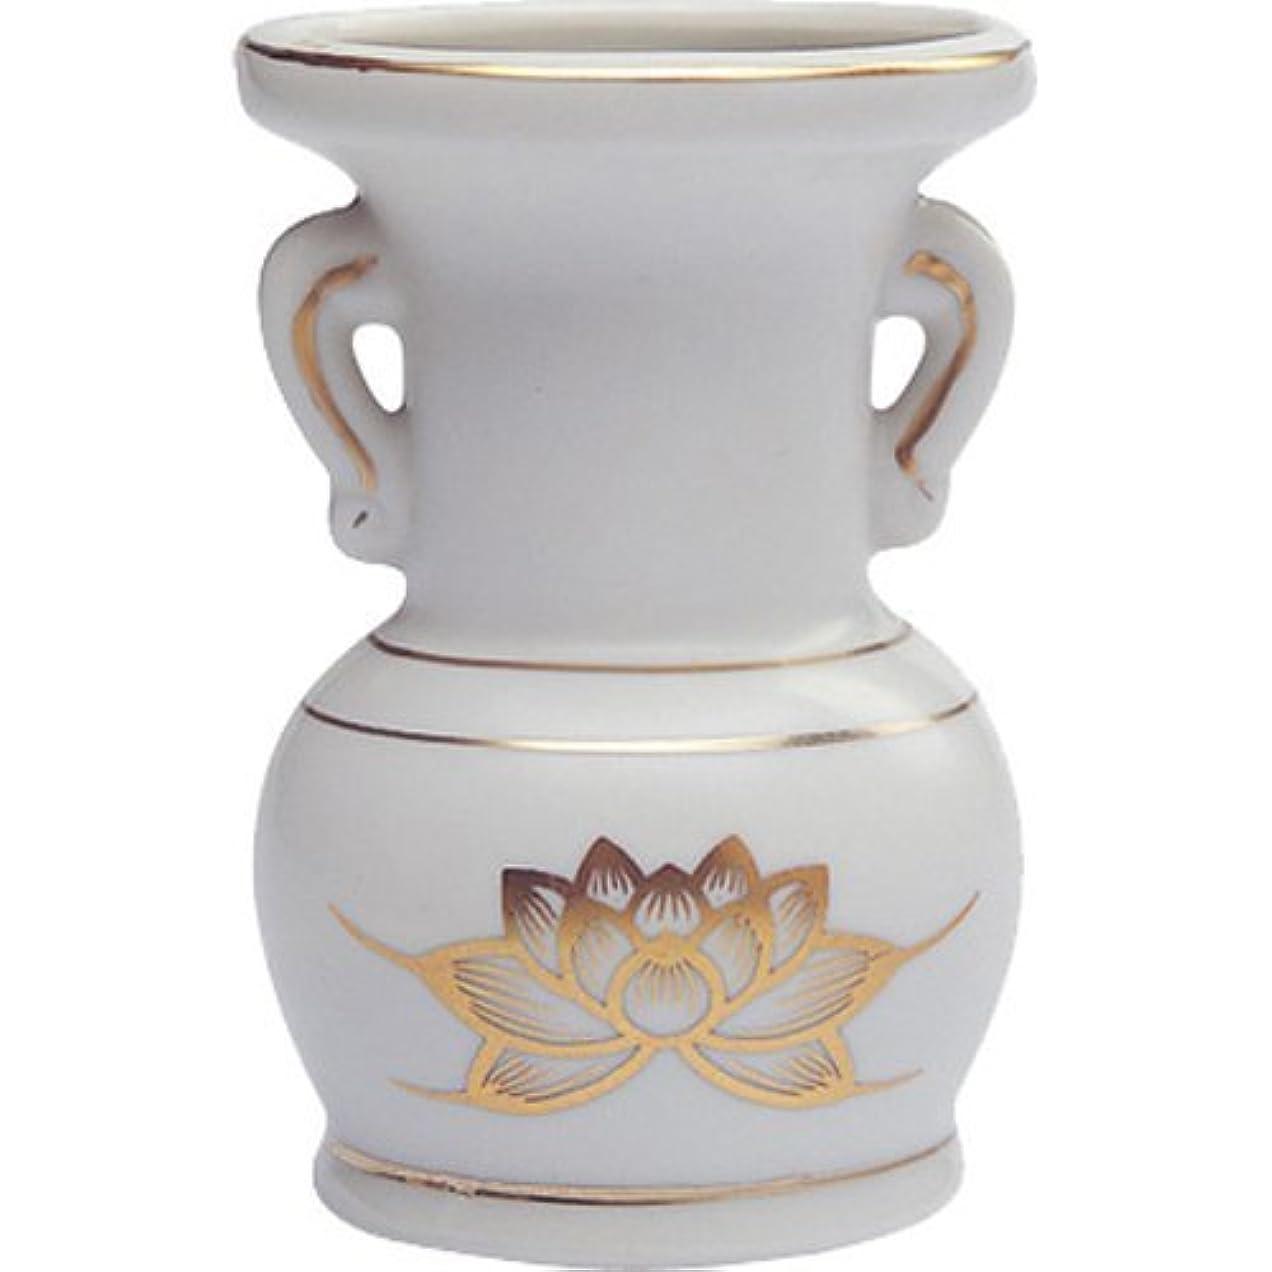 例示するタイルお母さん花立て 陶器(白磁)